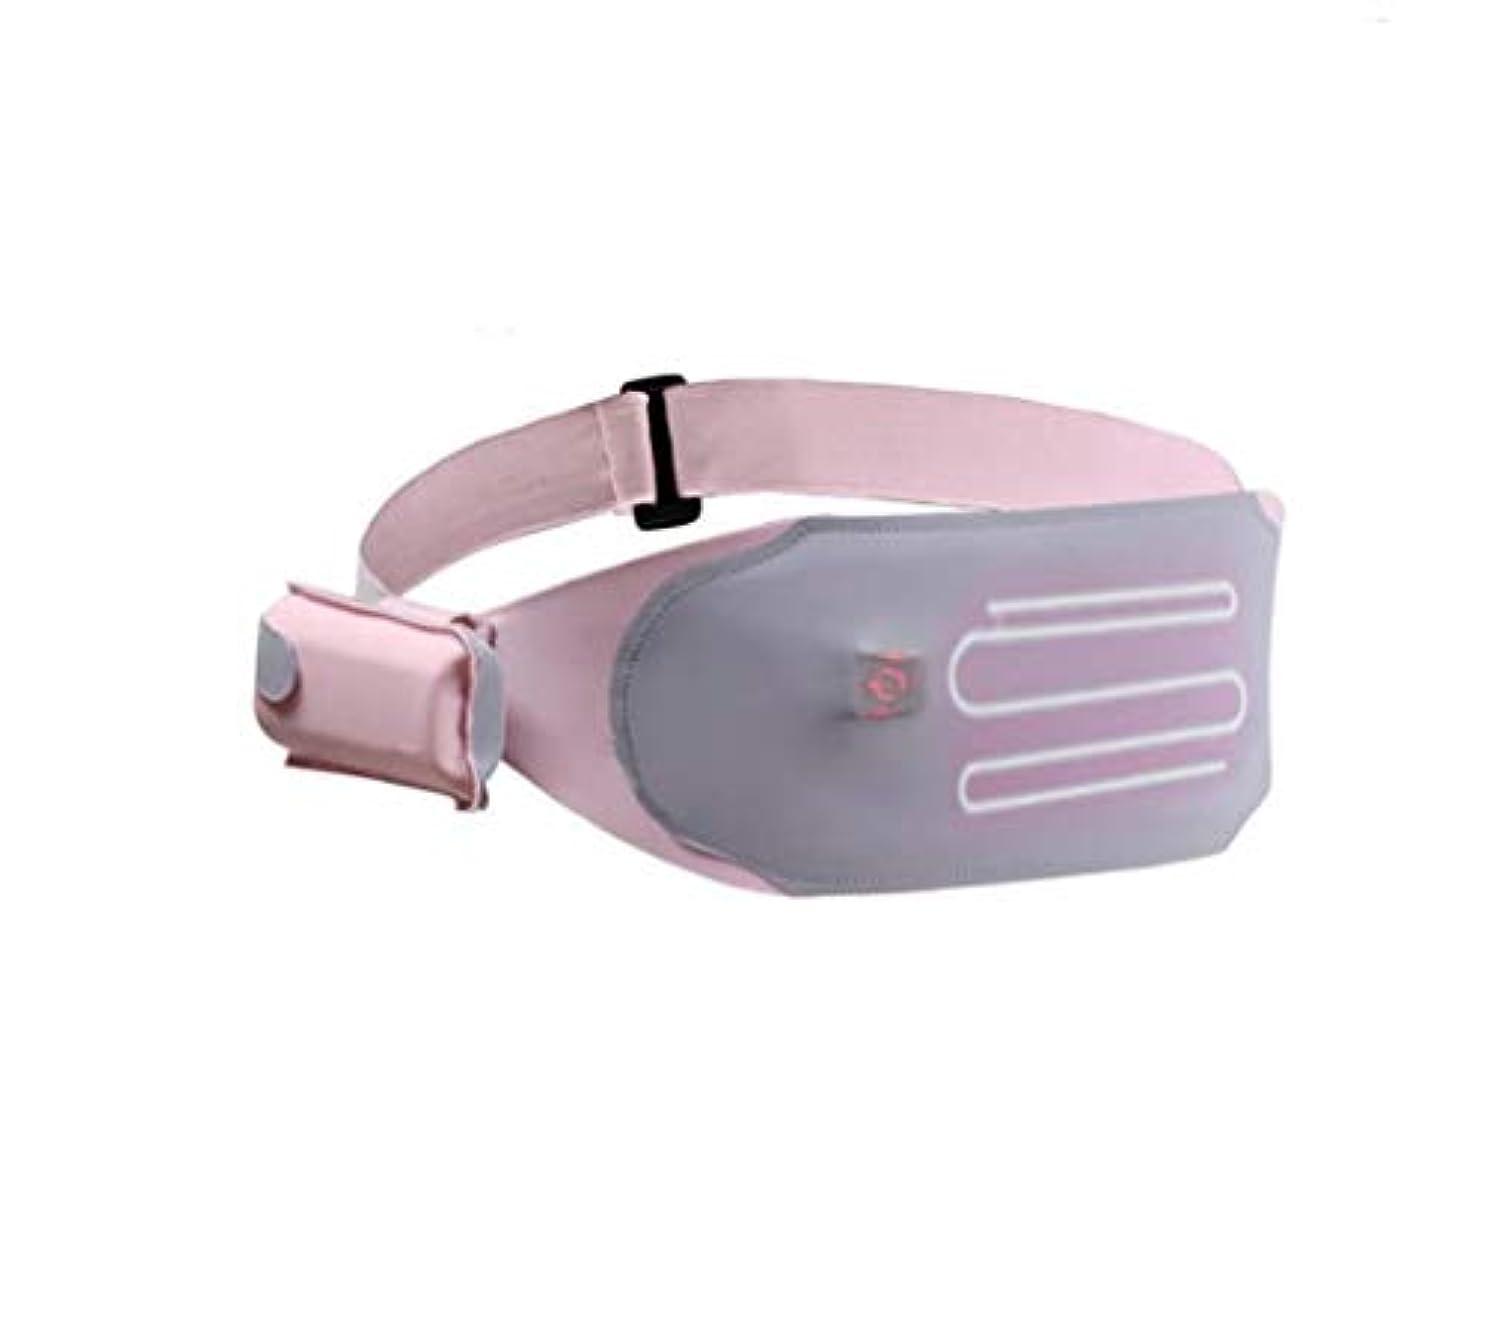 満足できる手のひらグループウエストマッサージャー、ポータブルベルトサポート、USB充電、加熱、女性の月経困難症を緩和するために調整可能な3つの温度